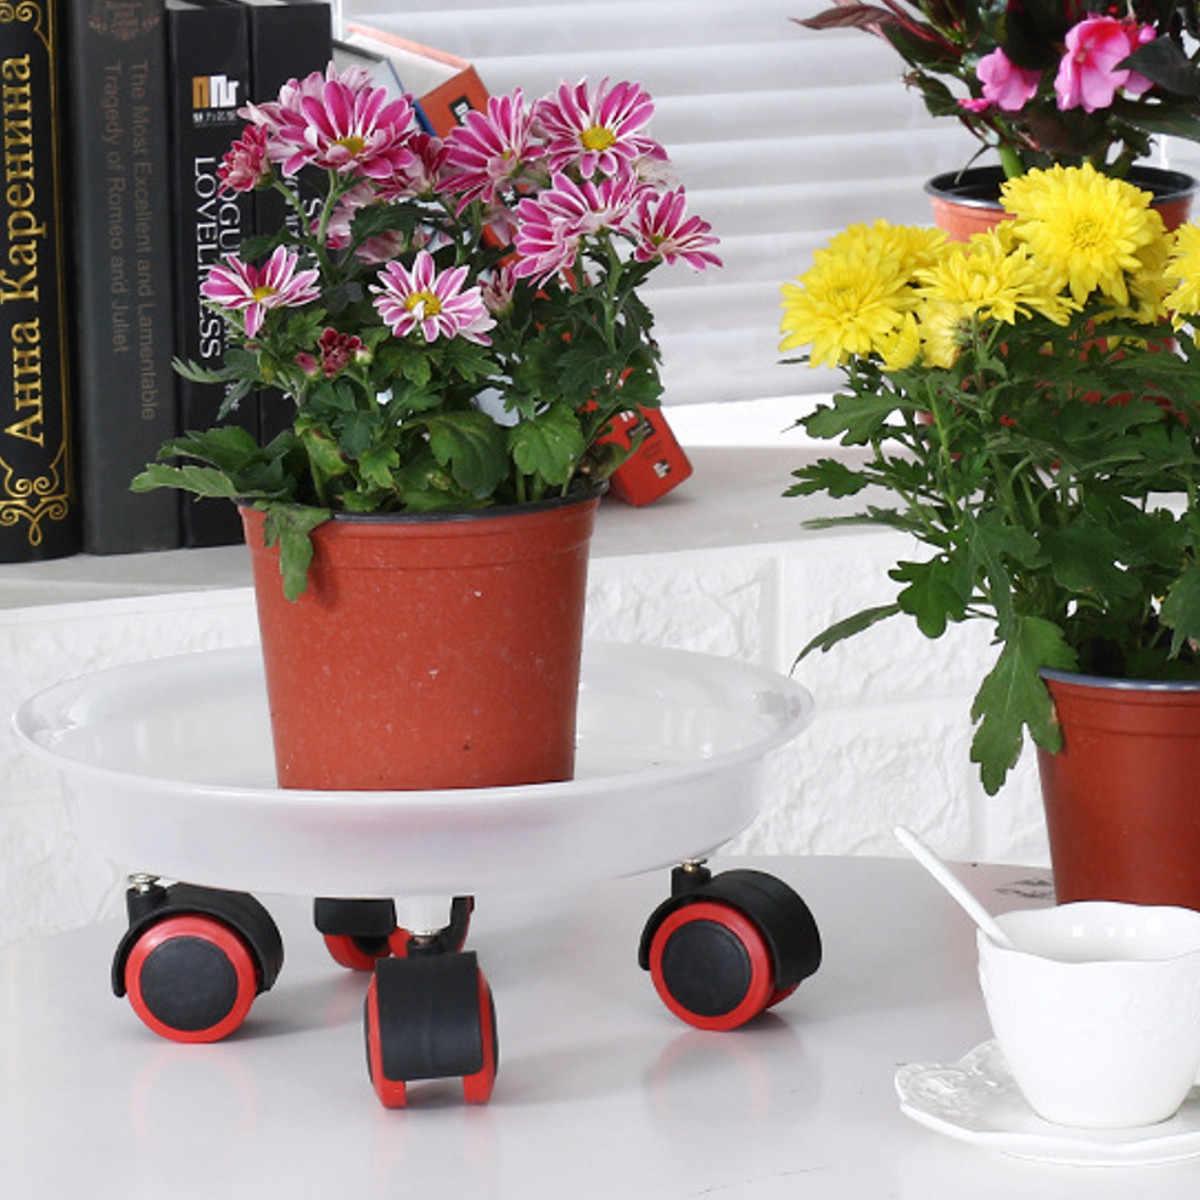 4 tamanhos Rolando Estande de Plantas de Jardim Vaso de Flores Bonsai Resina Bandeja de Carrinho de Rodas Que Se Deslocam Placa Motor Quintal Jardim Ferramentas Branco